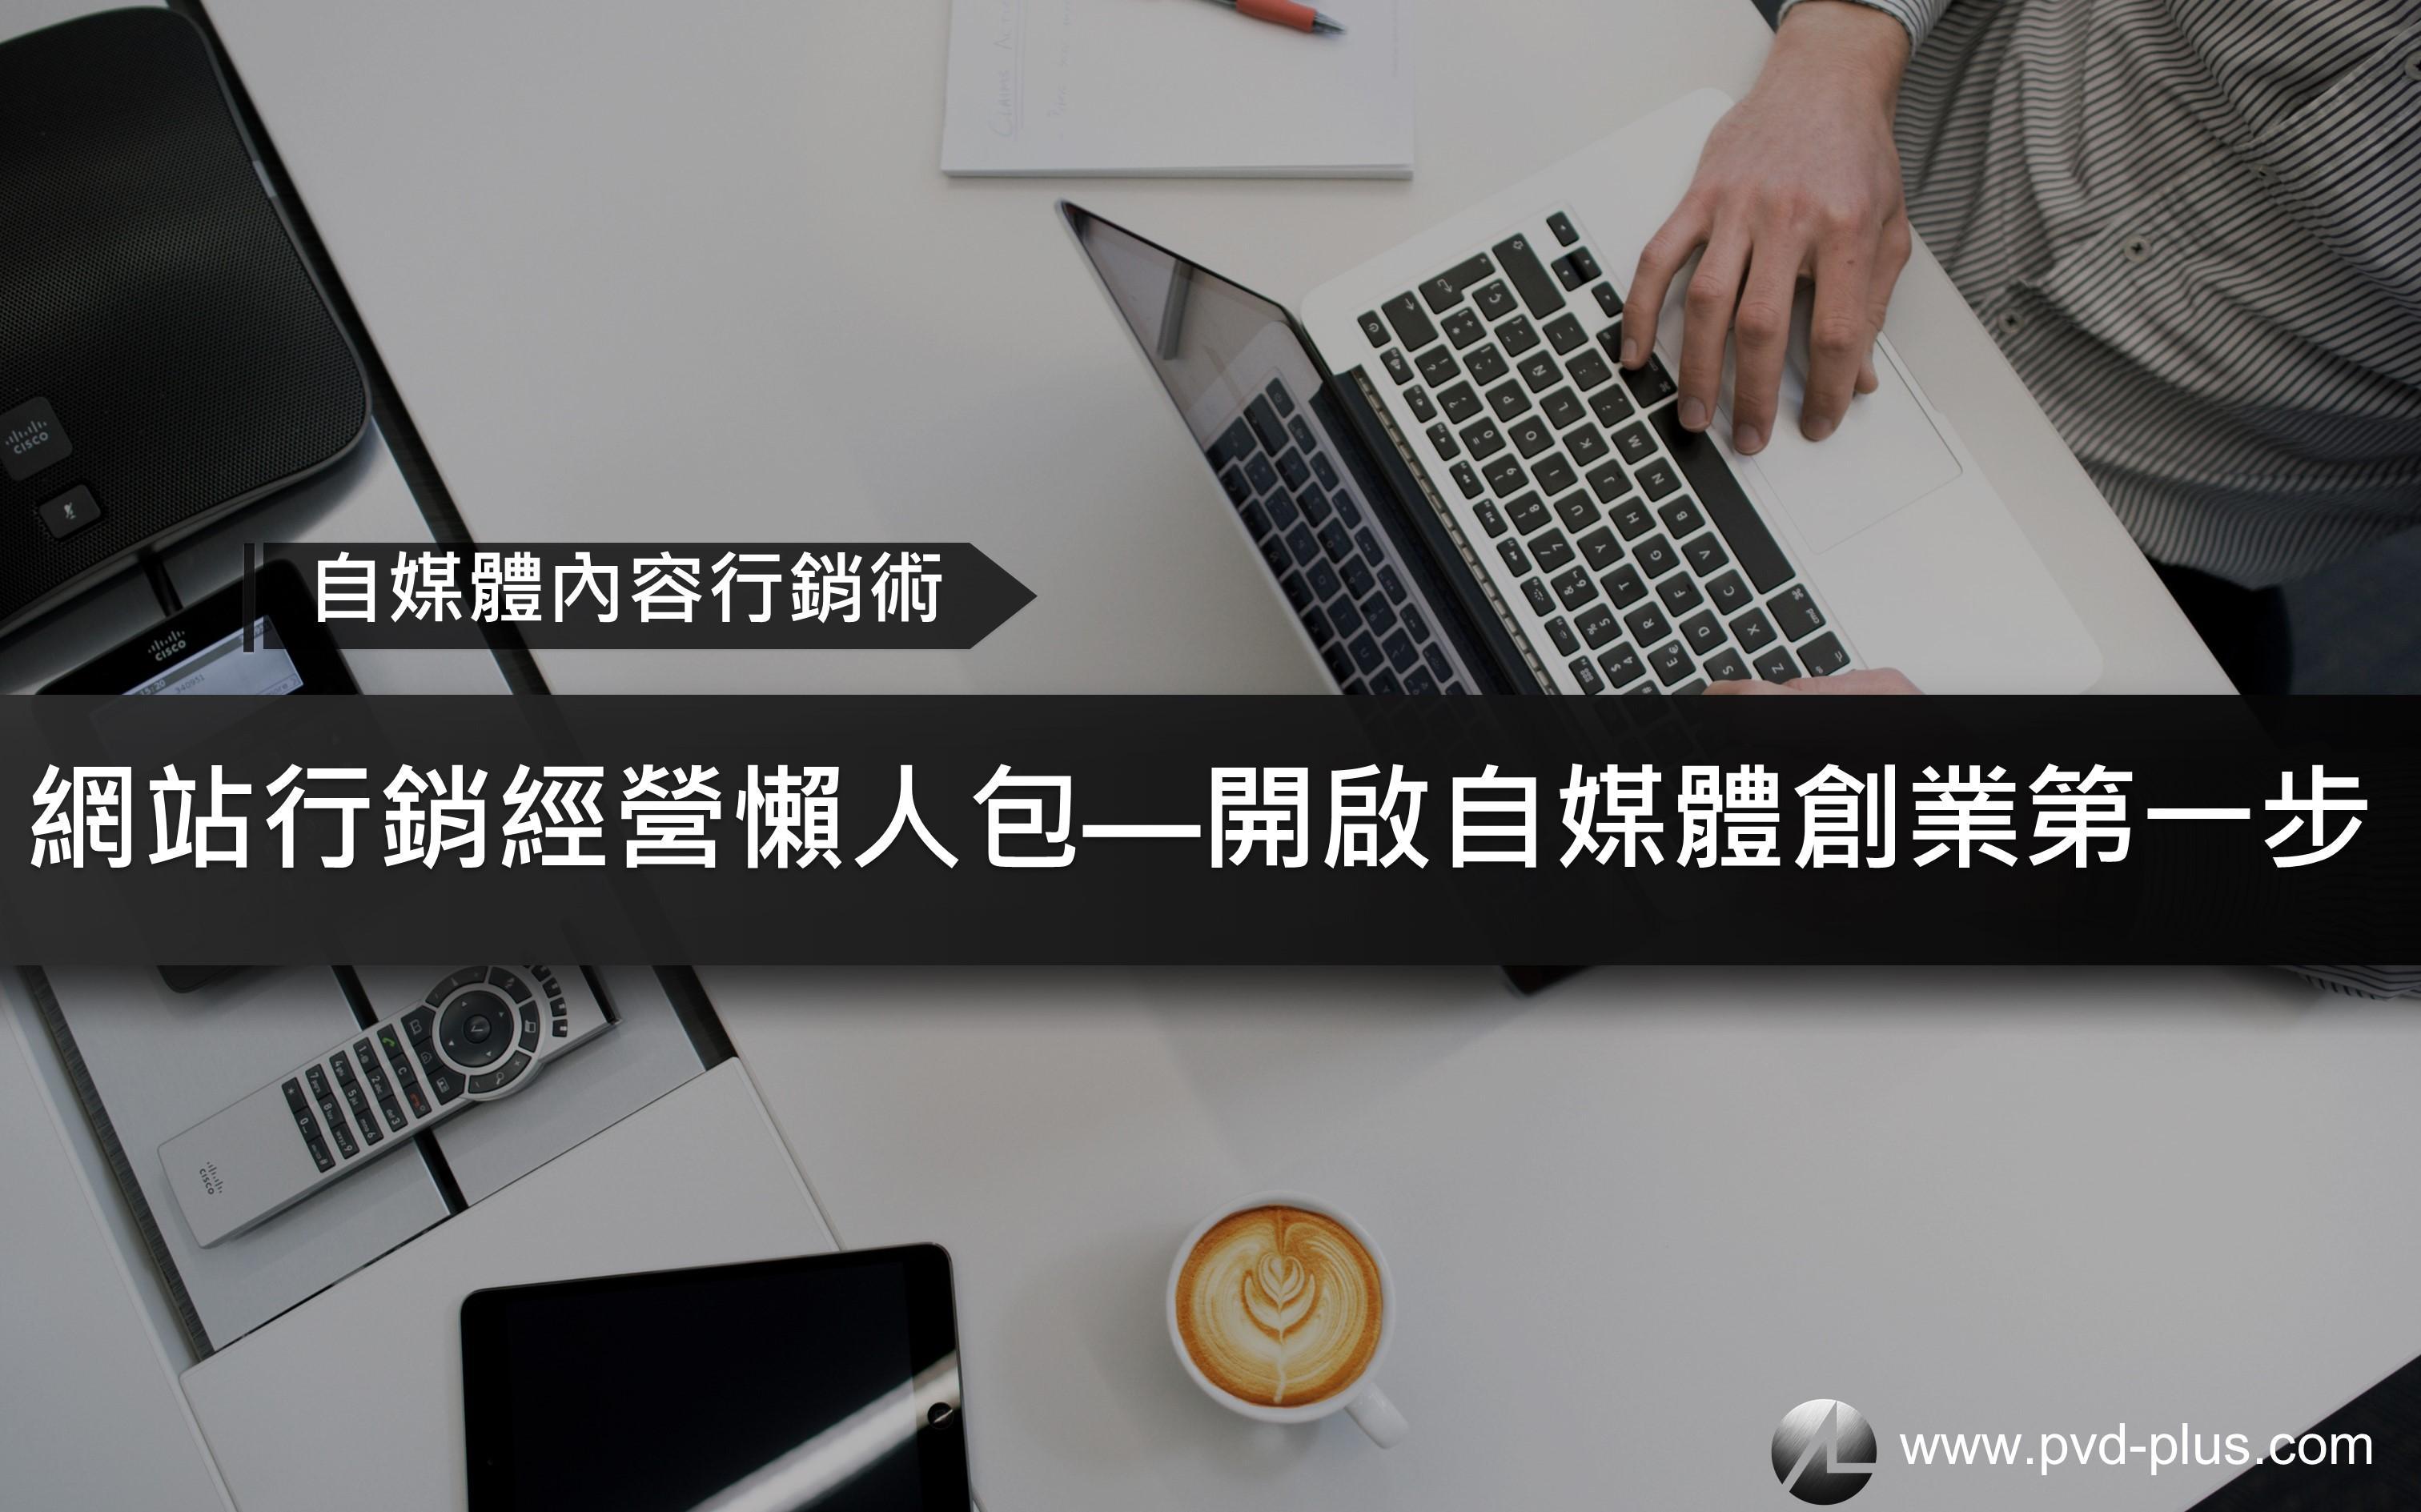 網站行銷經營懶人包—開啟自媒體網路創業第一步